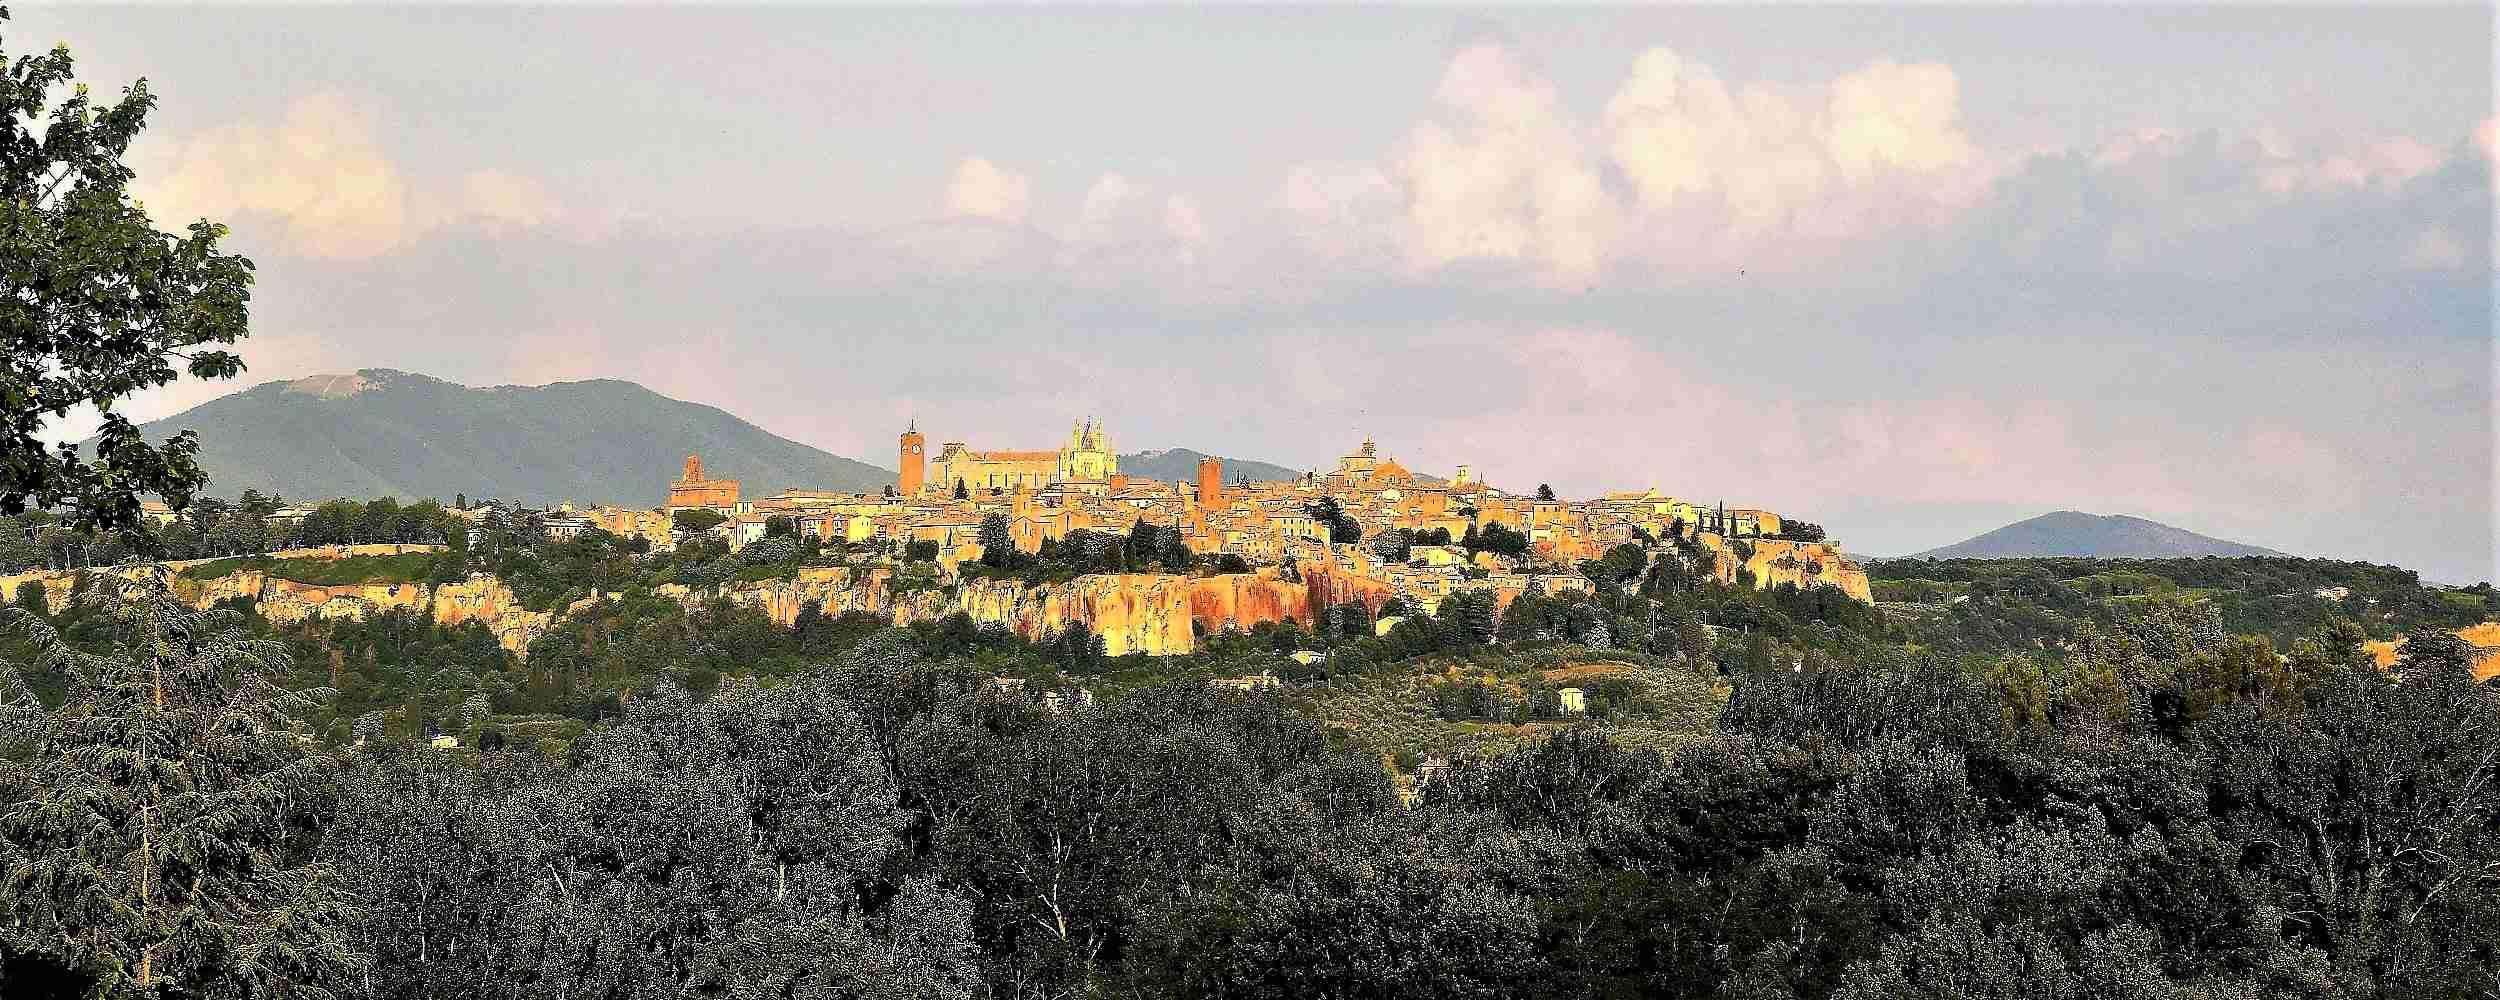 Visita guidata ad Orvieto da Roma con degustazione vini